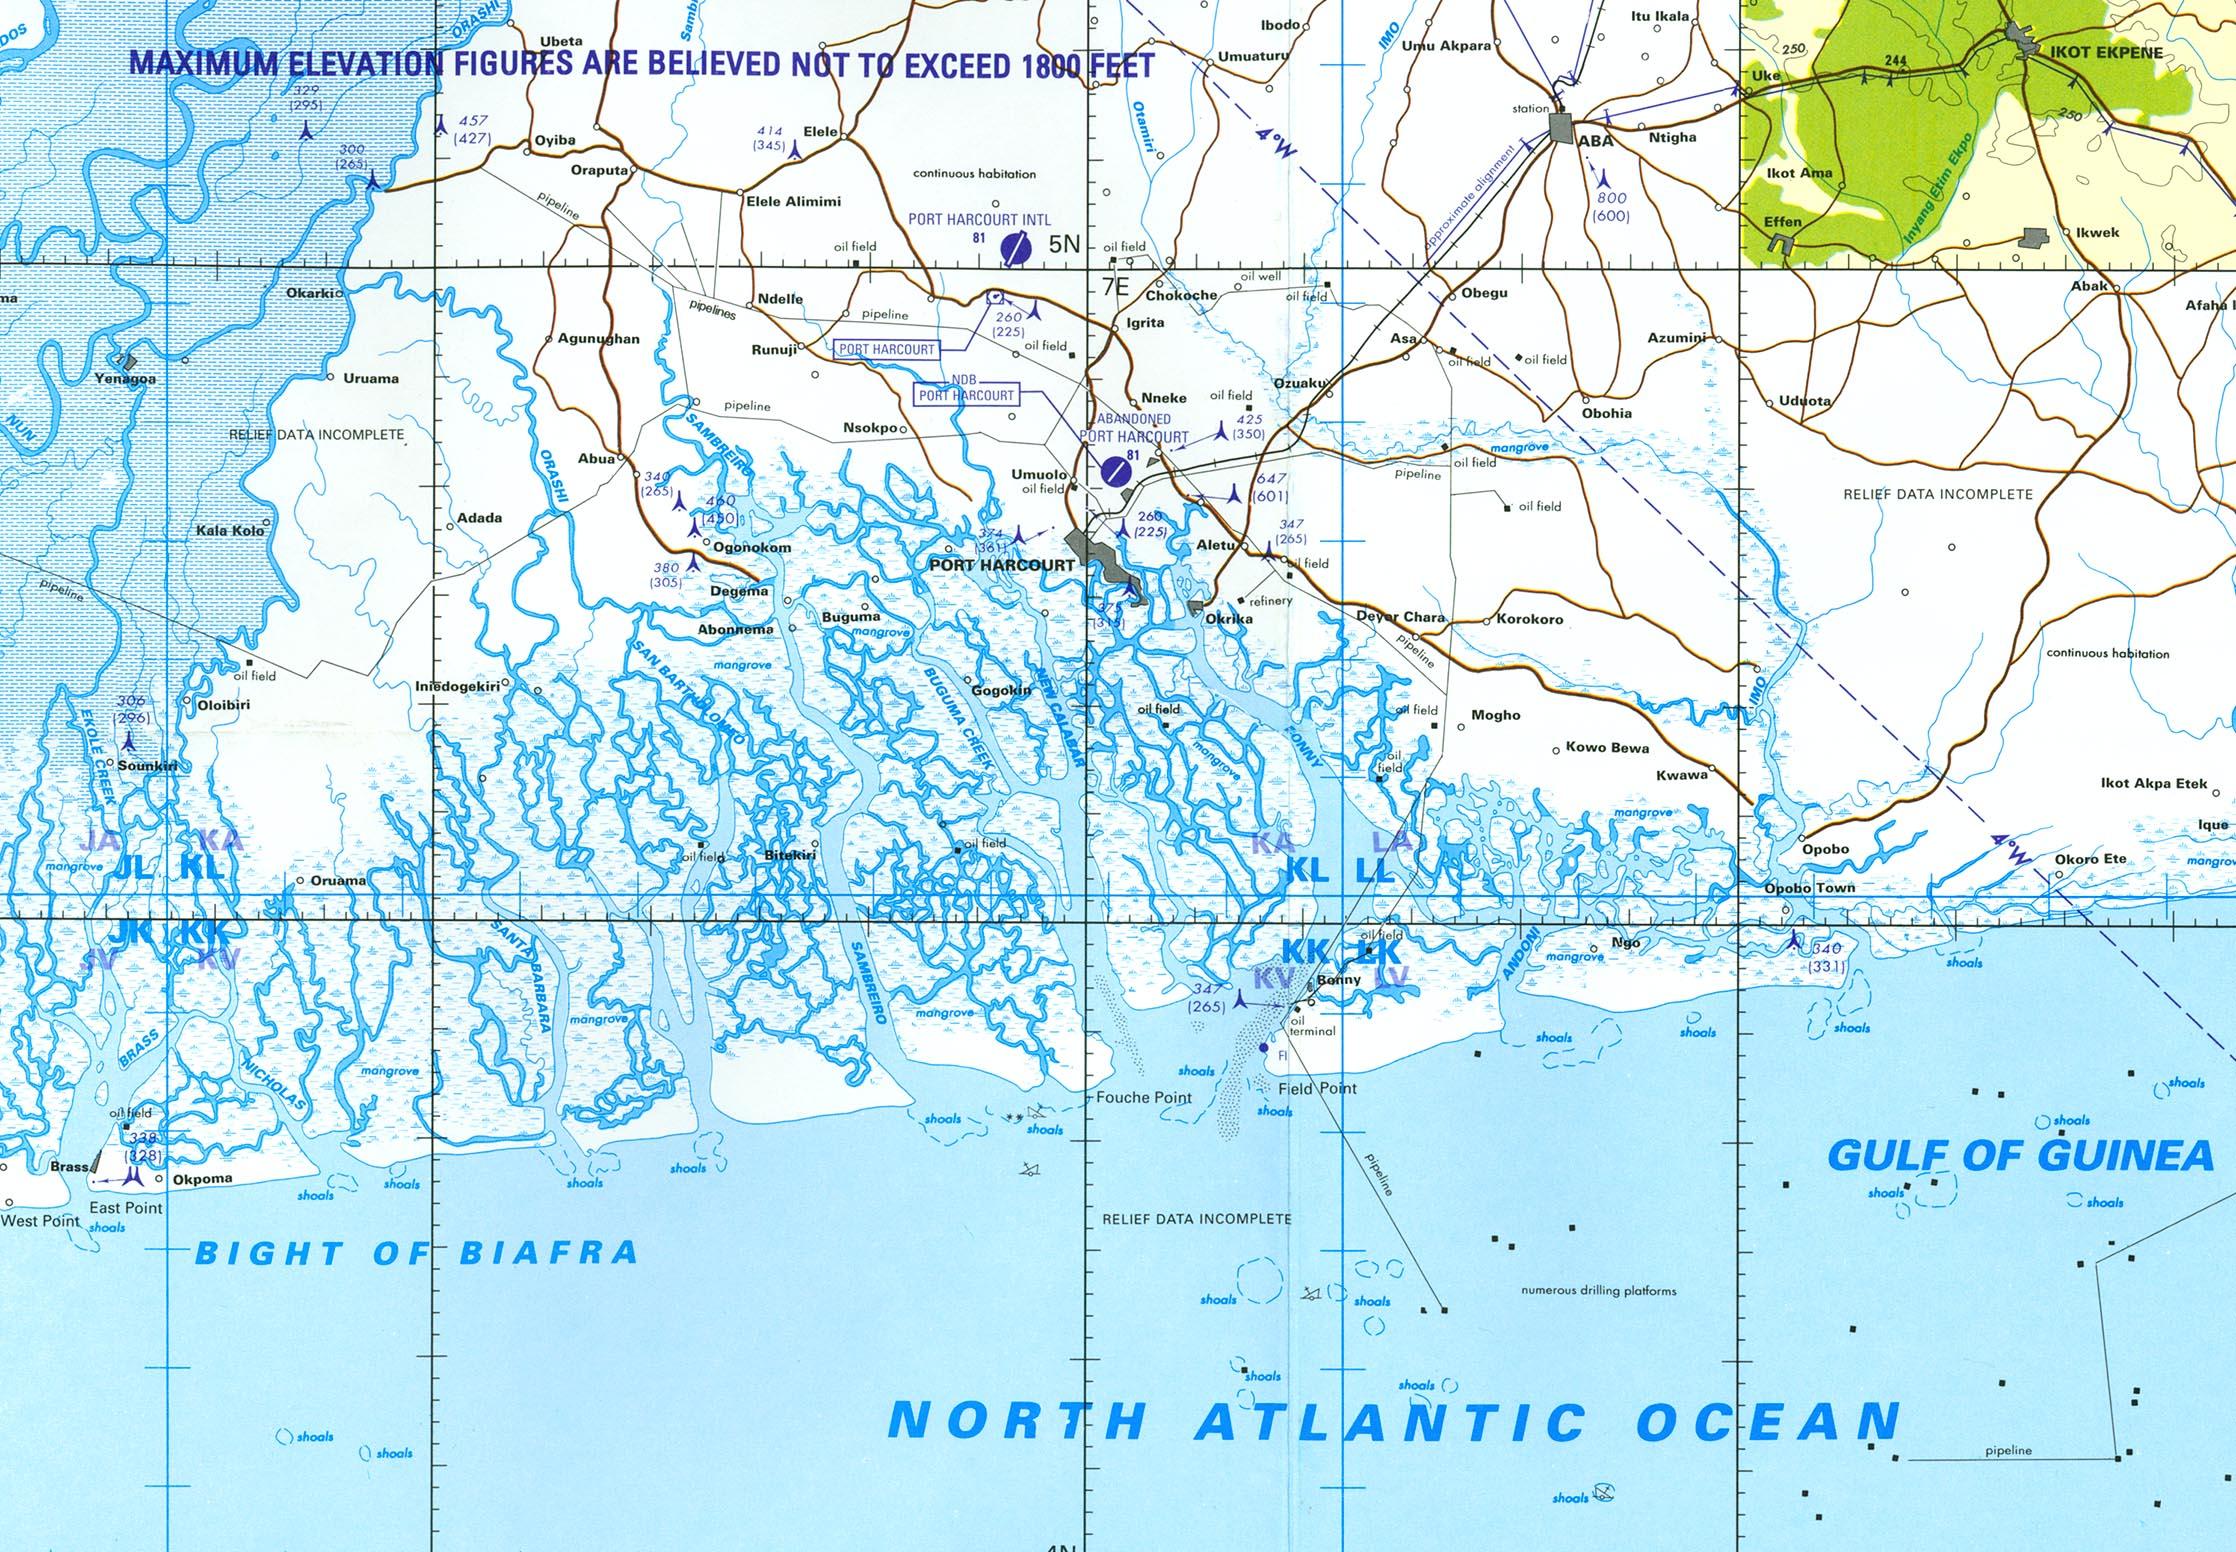 Carta Aeronáutica de la Región de Port Harcourt, Nigeria